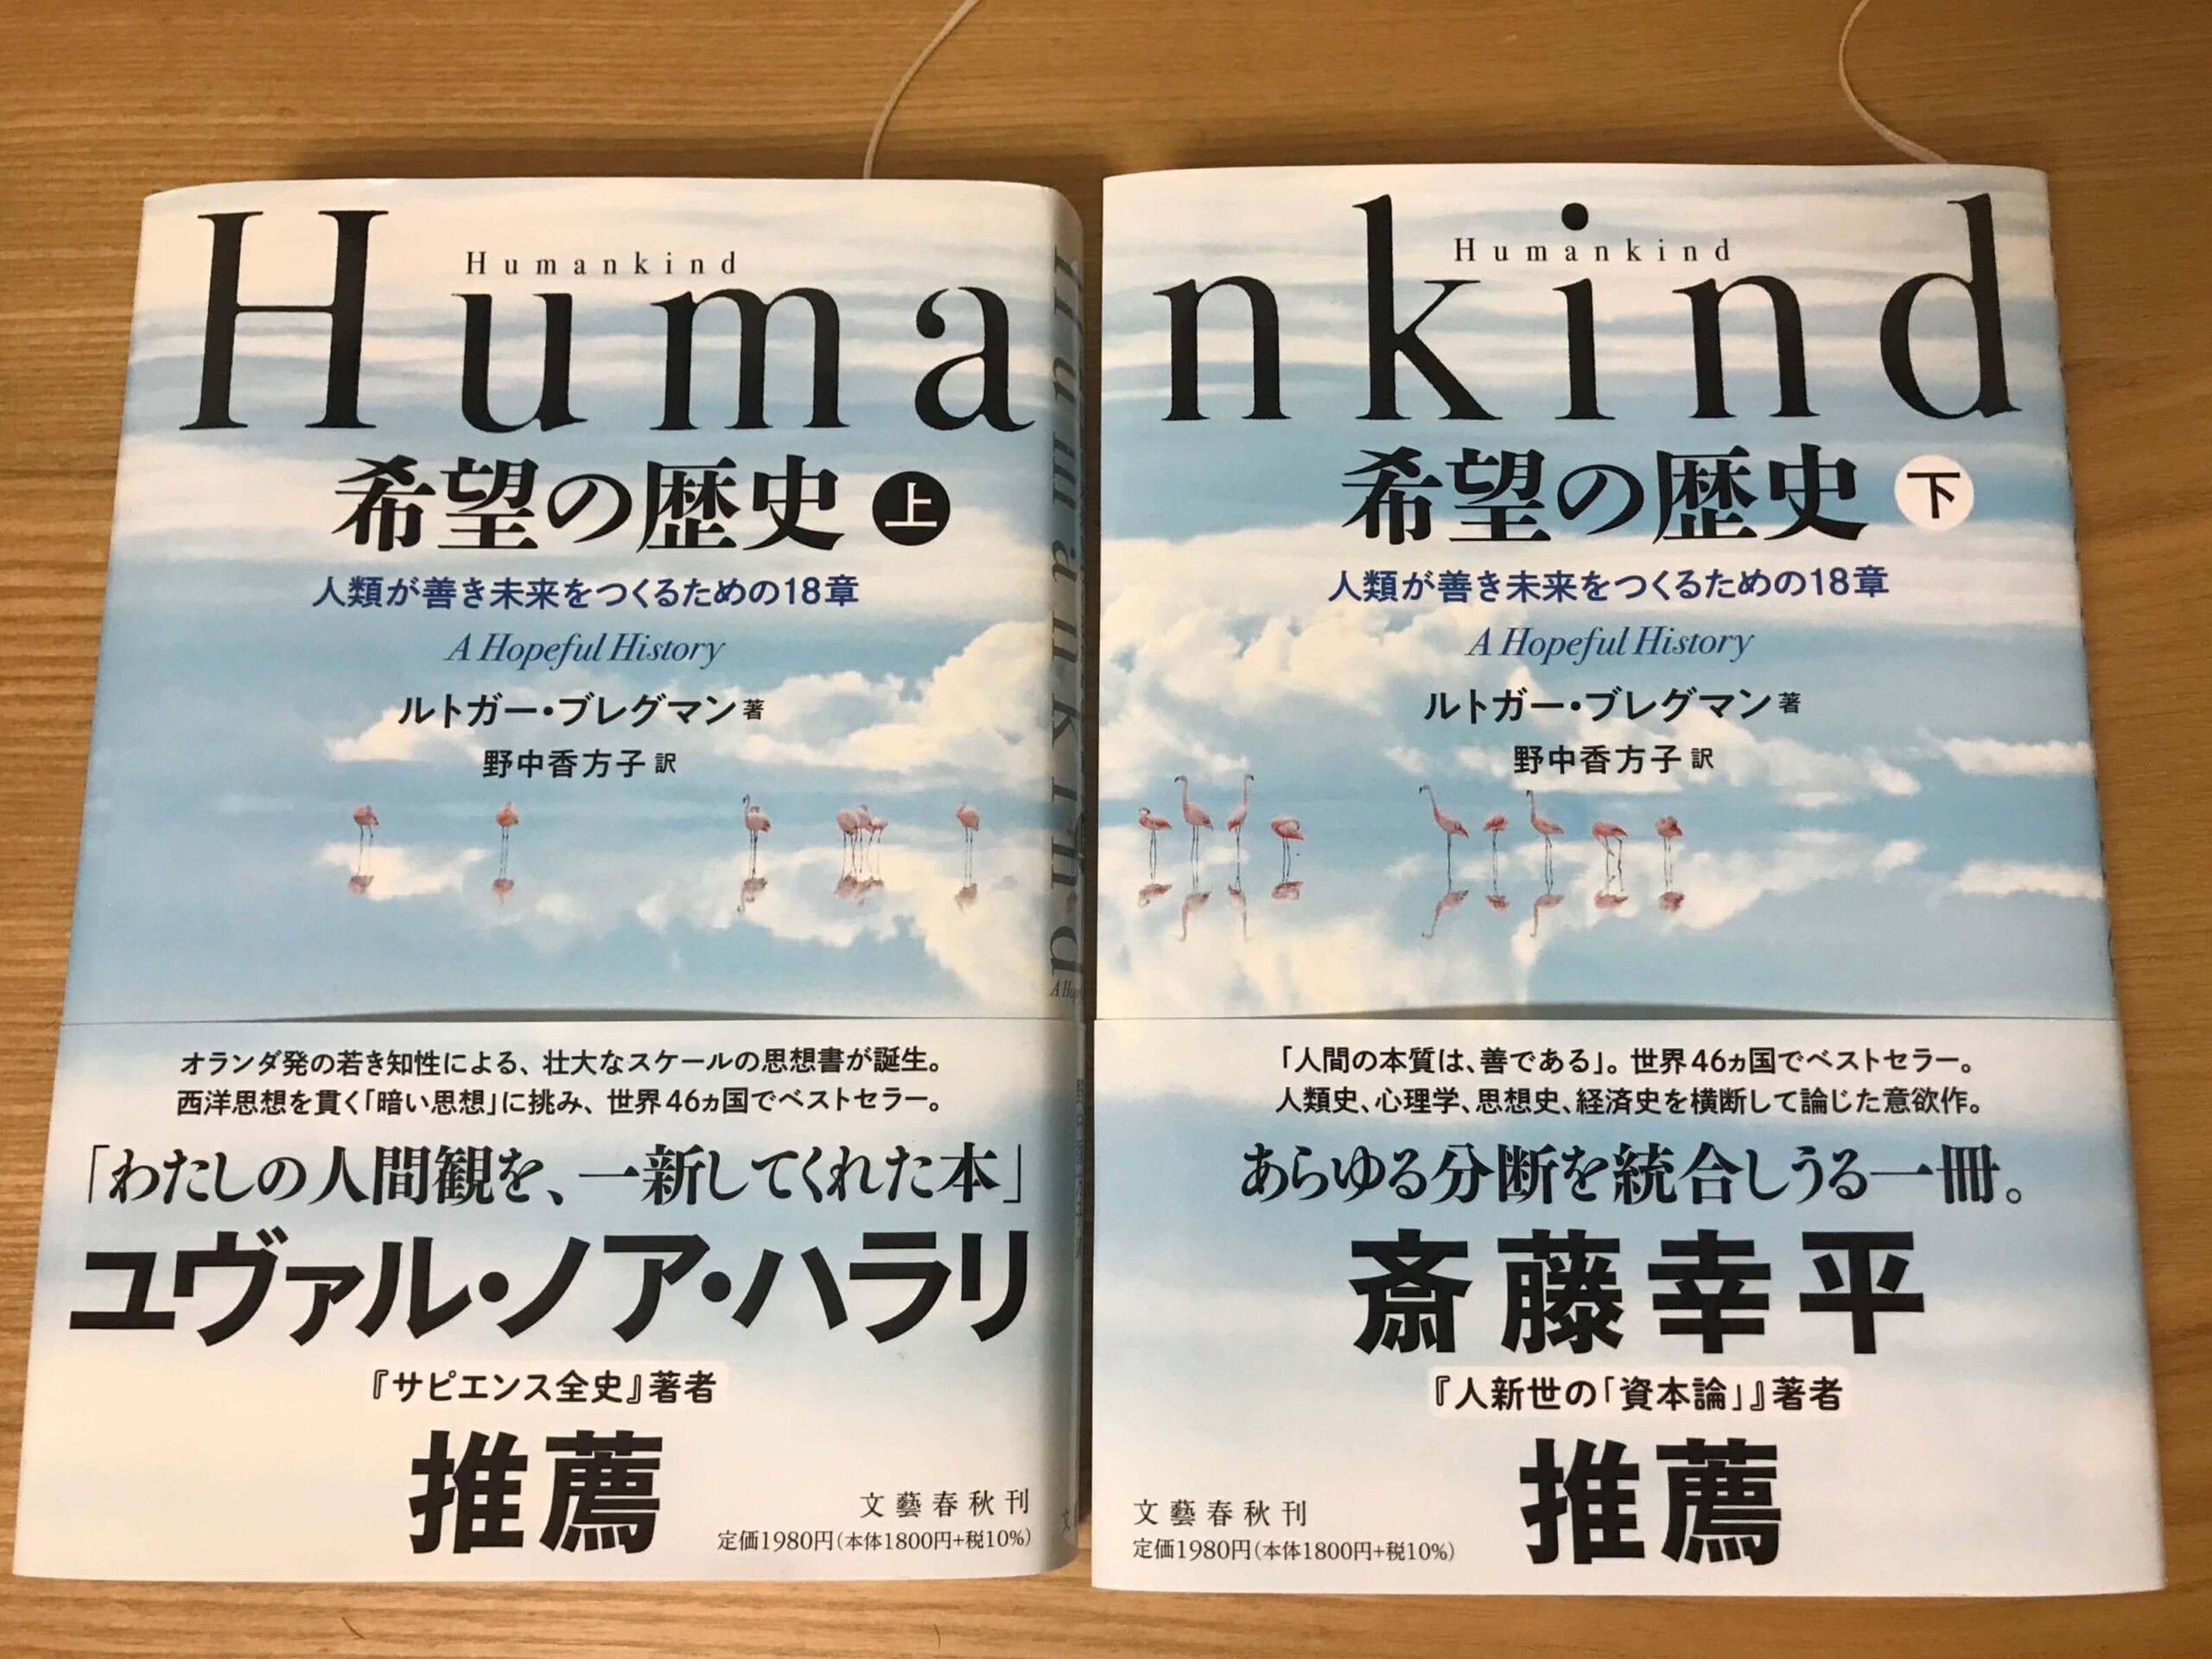 Humankind(希望の歴史)感想【世界46カ国ベストセラー本】